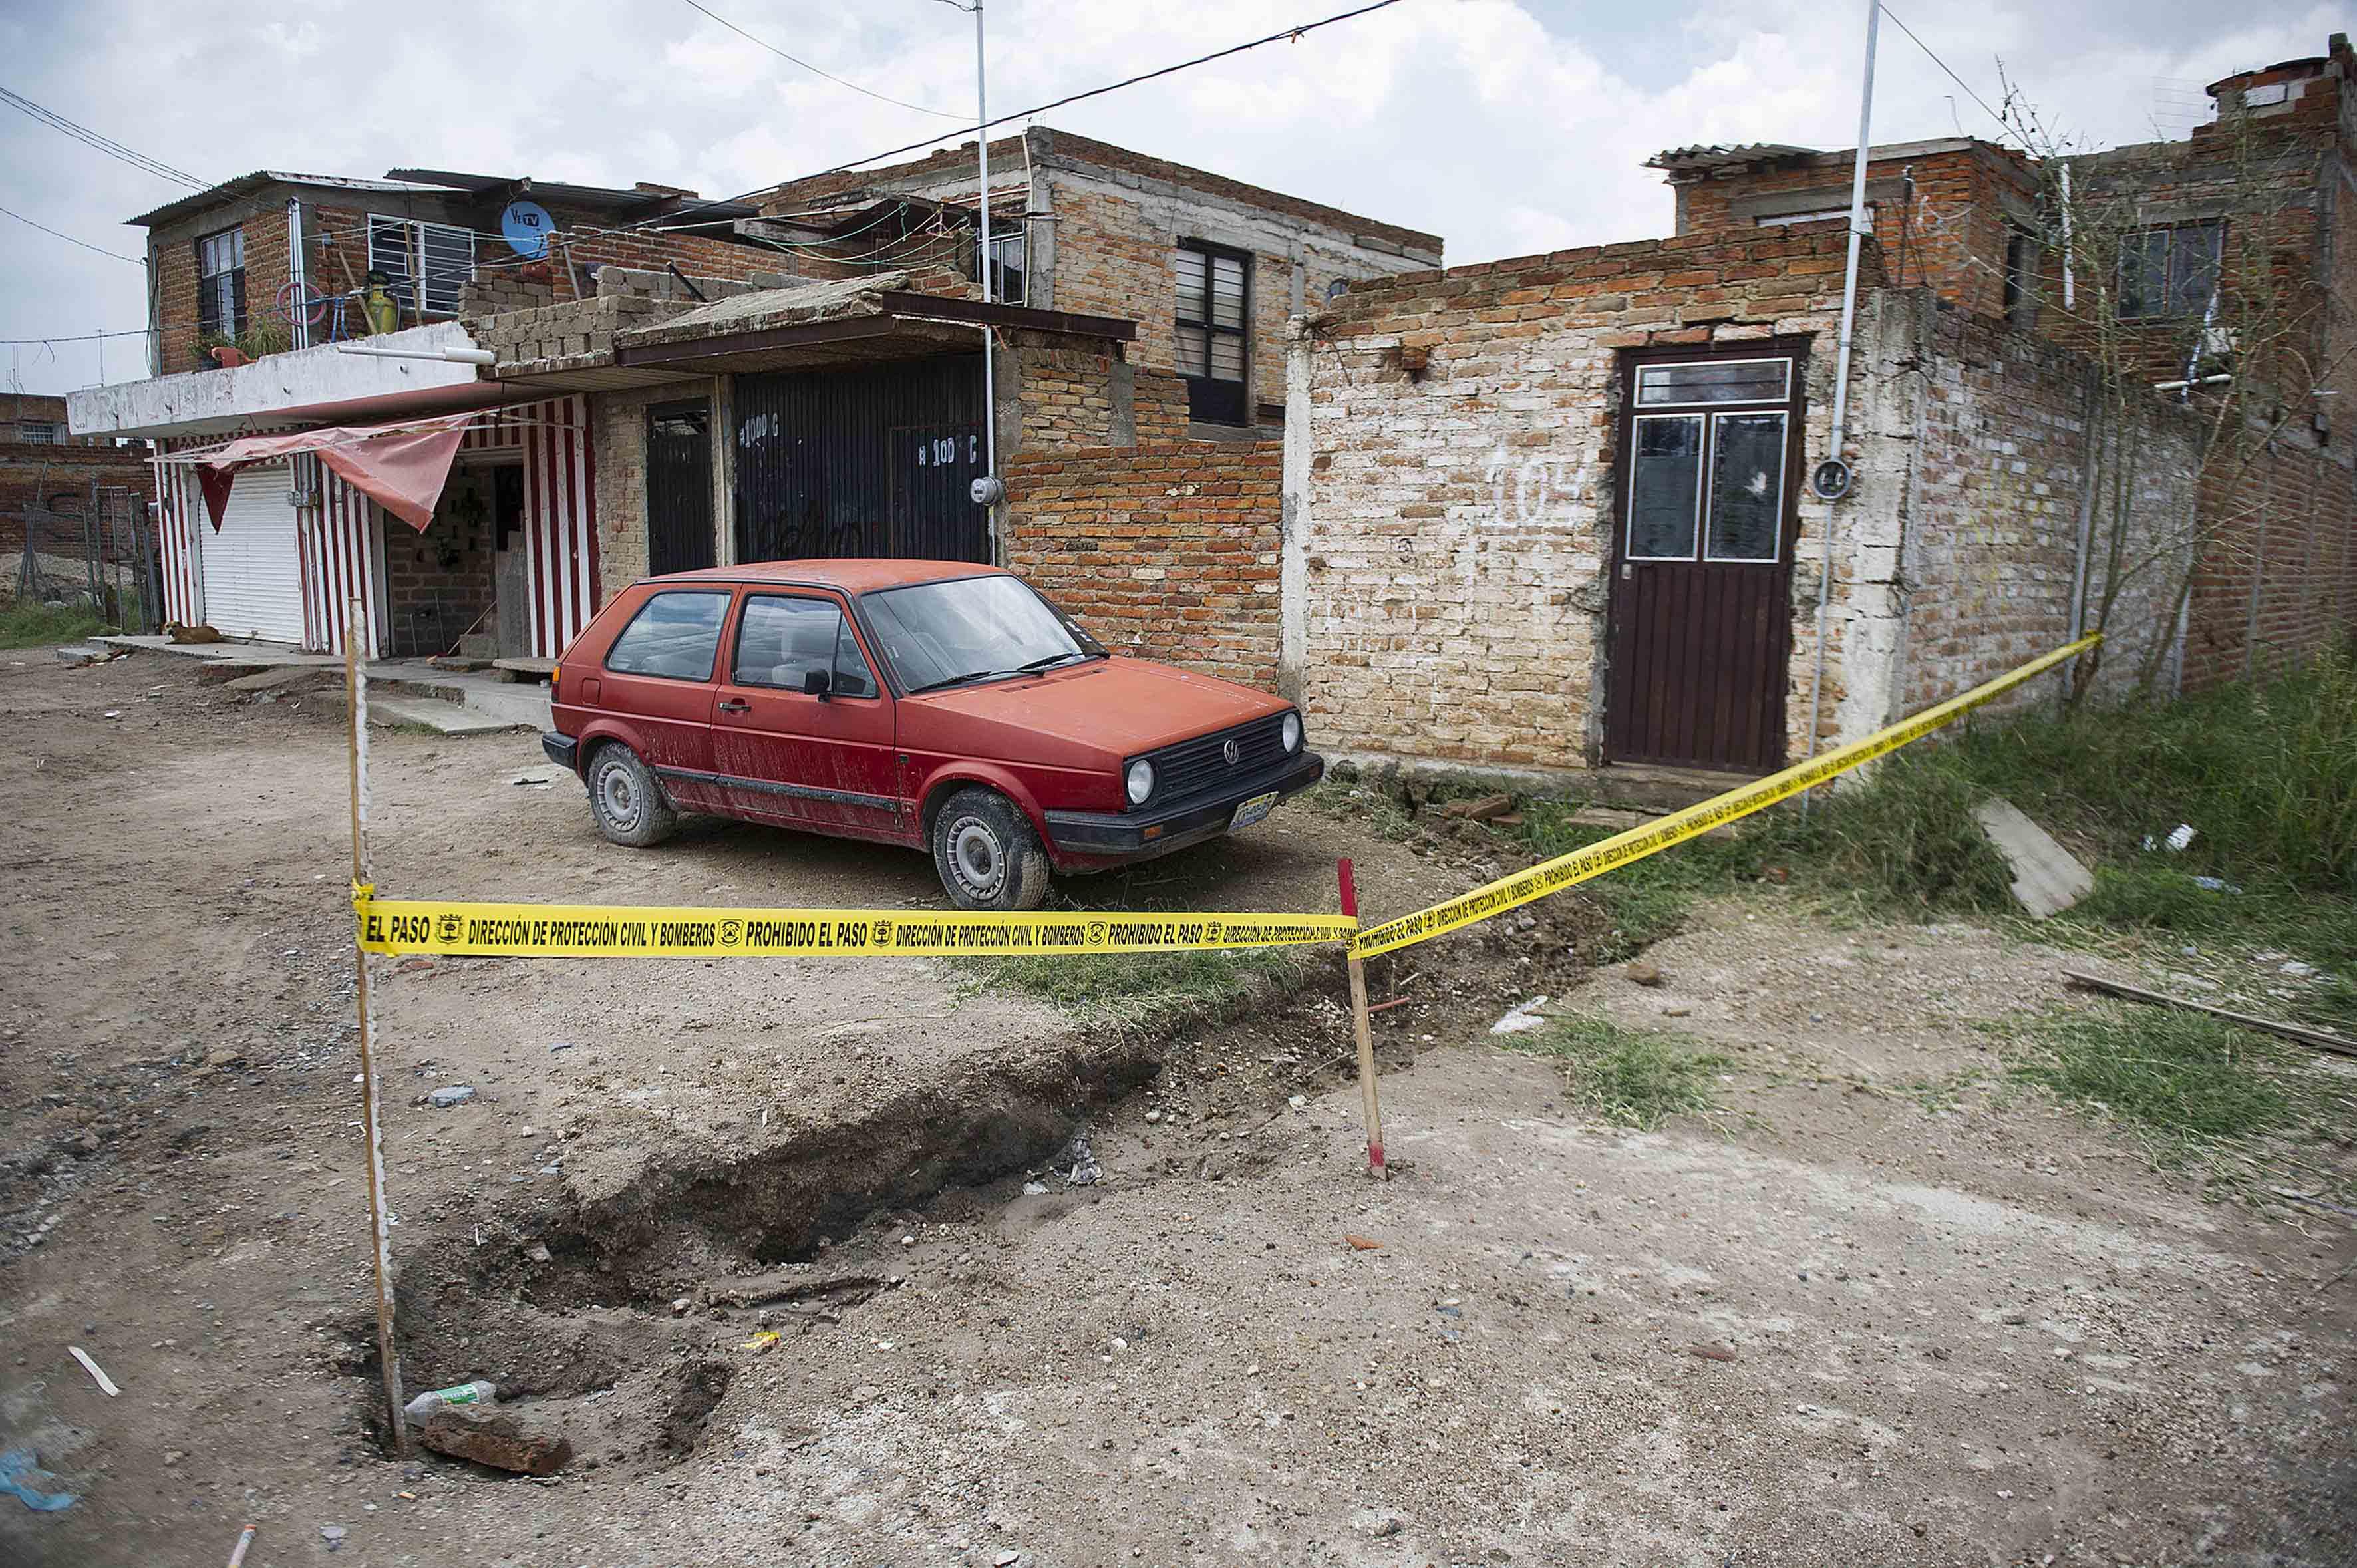 Zona acordonada por Protección Civil y Bomberos a las afueras de zona habitada en nextipac y en donde se percibe una zanja en el mismo.